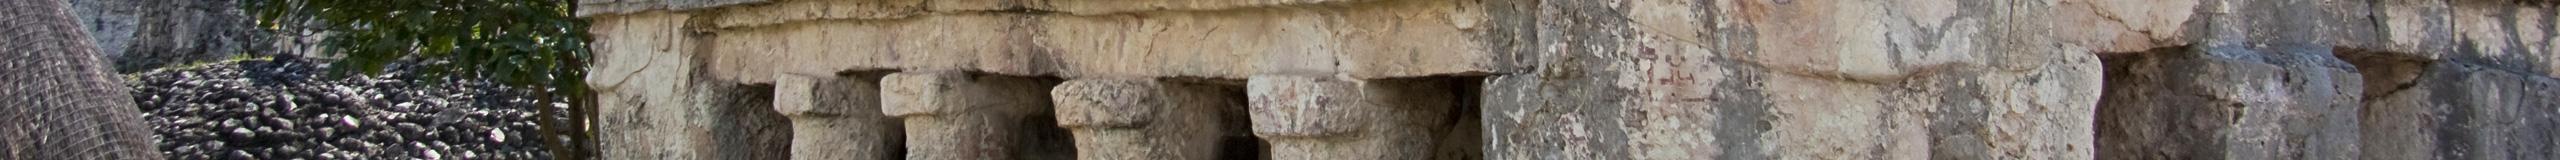 Mexique : Monde maya,</br>communauté et plage